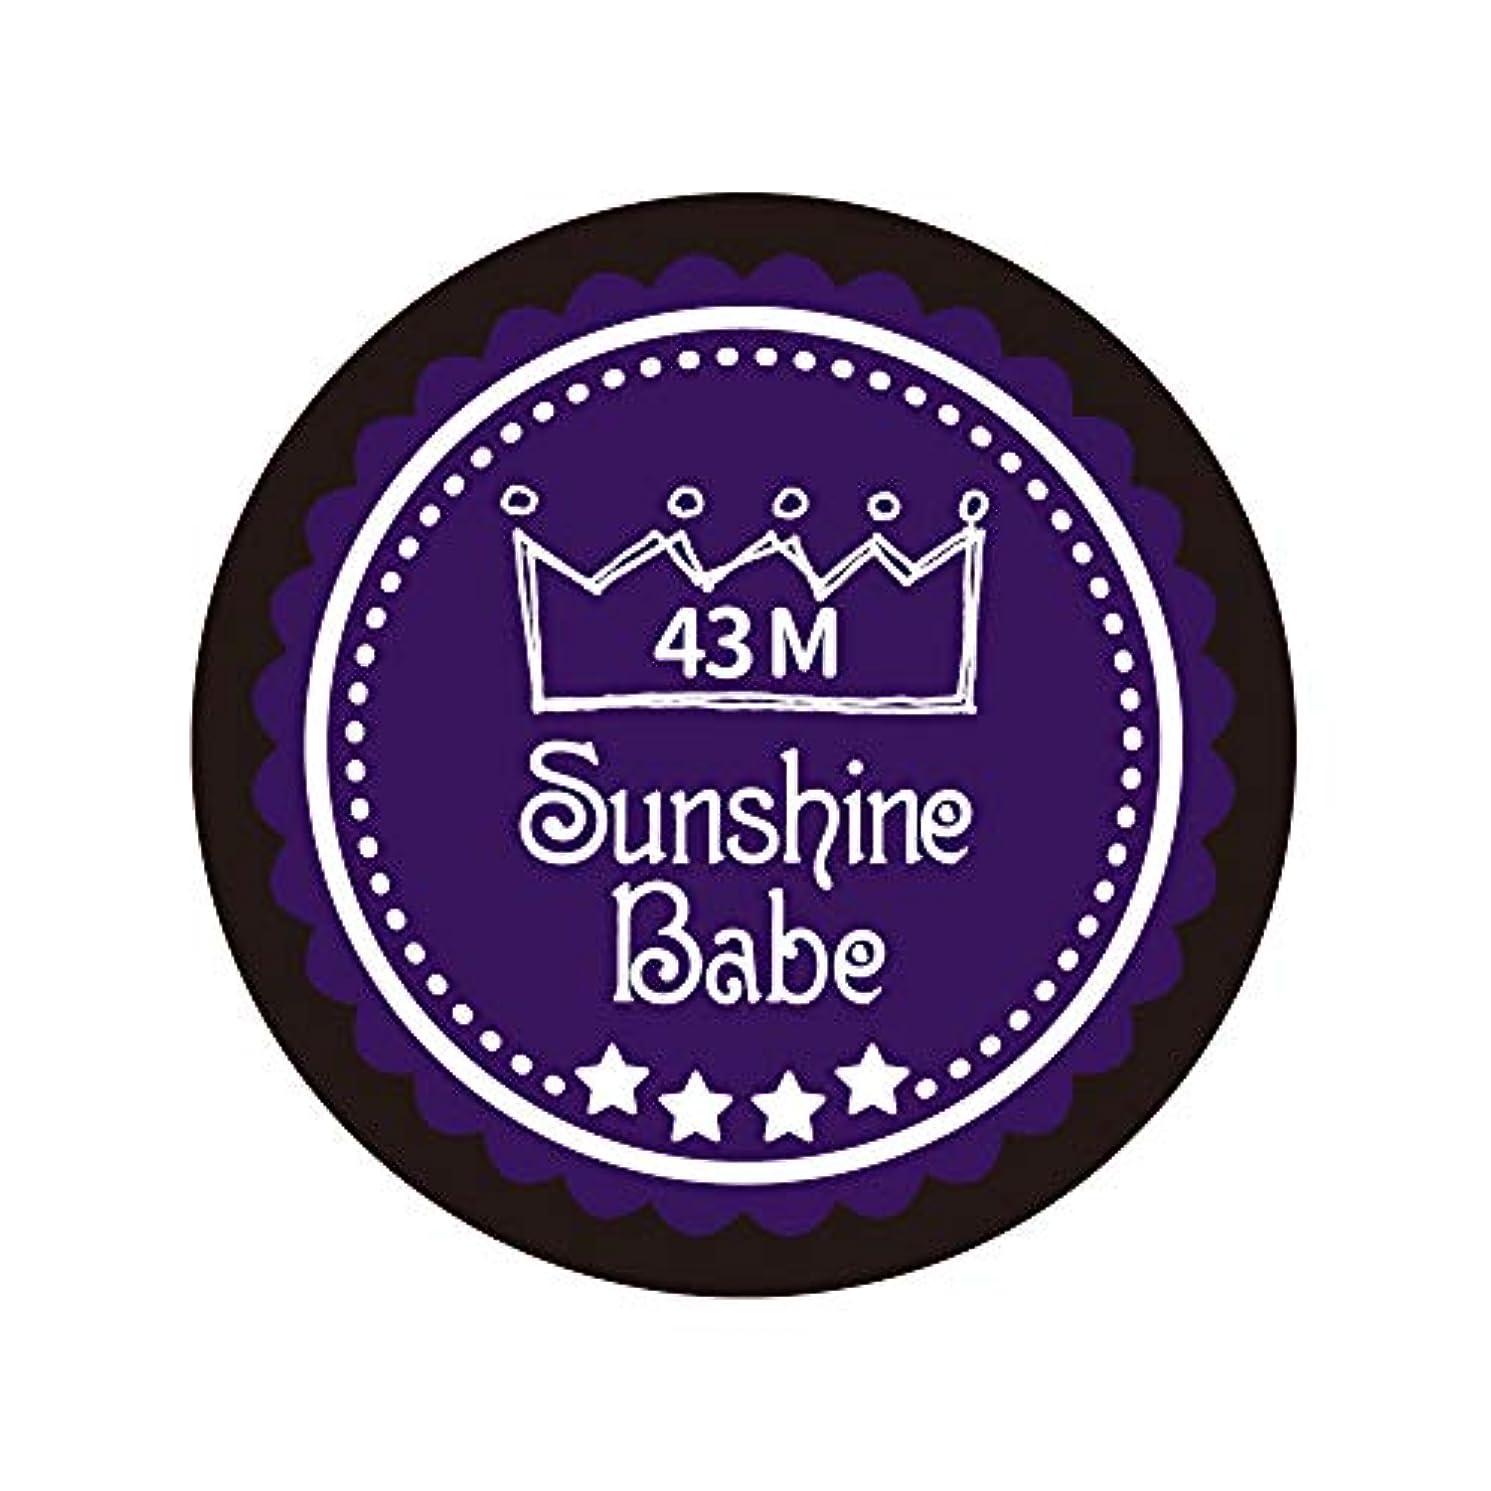 ジョージエリオットしゃがむ旅行代理店Sunshine Babe カラージェル 43M オータムウルトラバイオレット 4g UV/LED対応